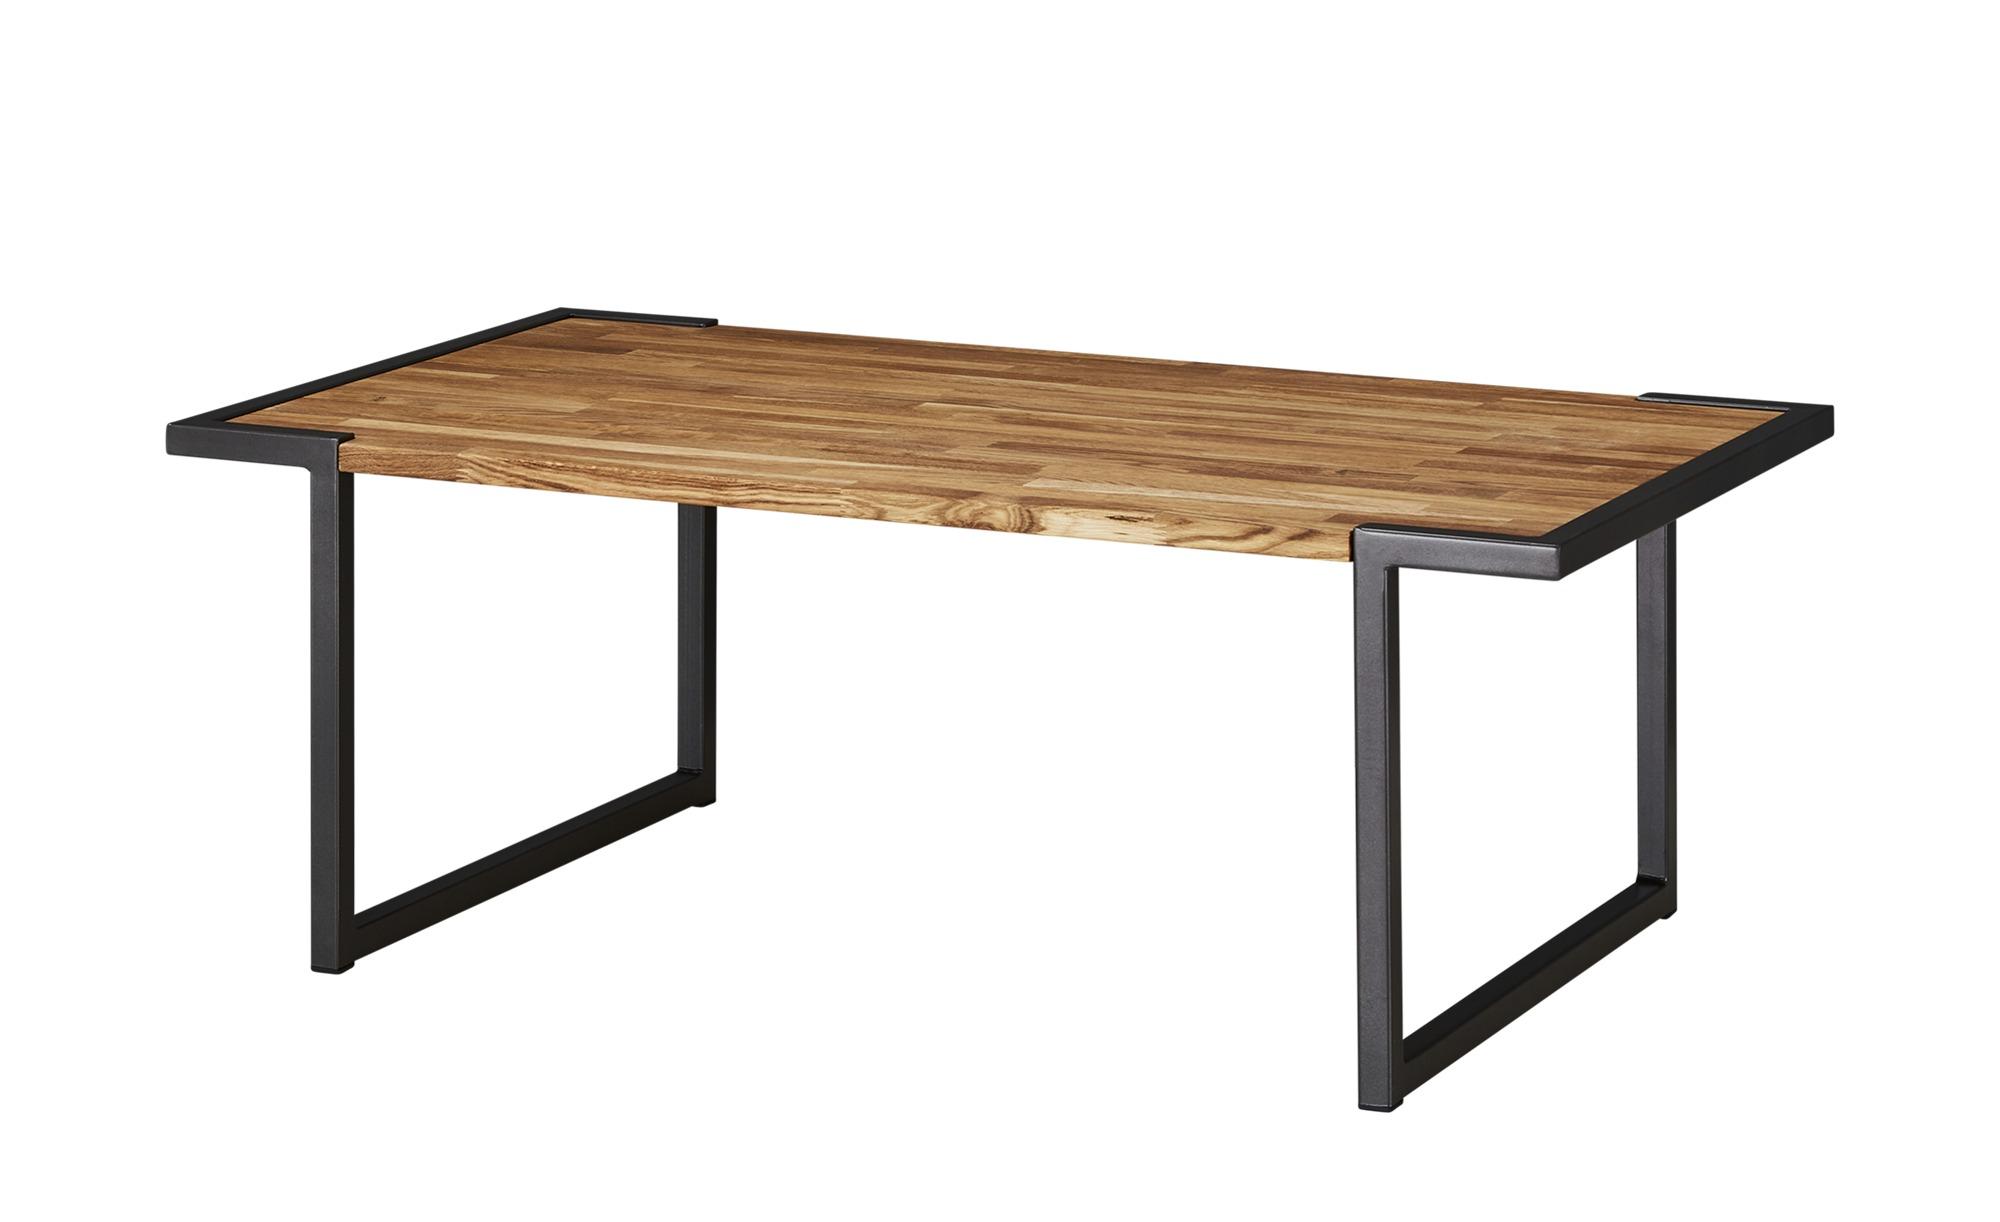 Couchtisch  Schöneiche ¦ Maße (cm): B: 60 H: 41 T: 60 Tische > Couchtische > Couchtisch Massivholz - Höffner